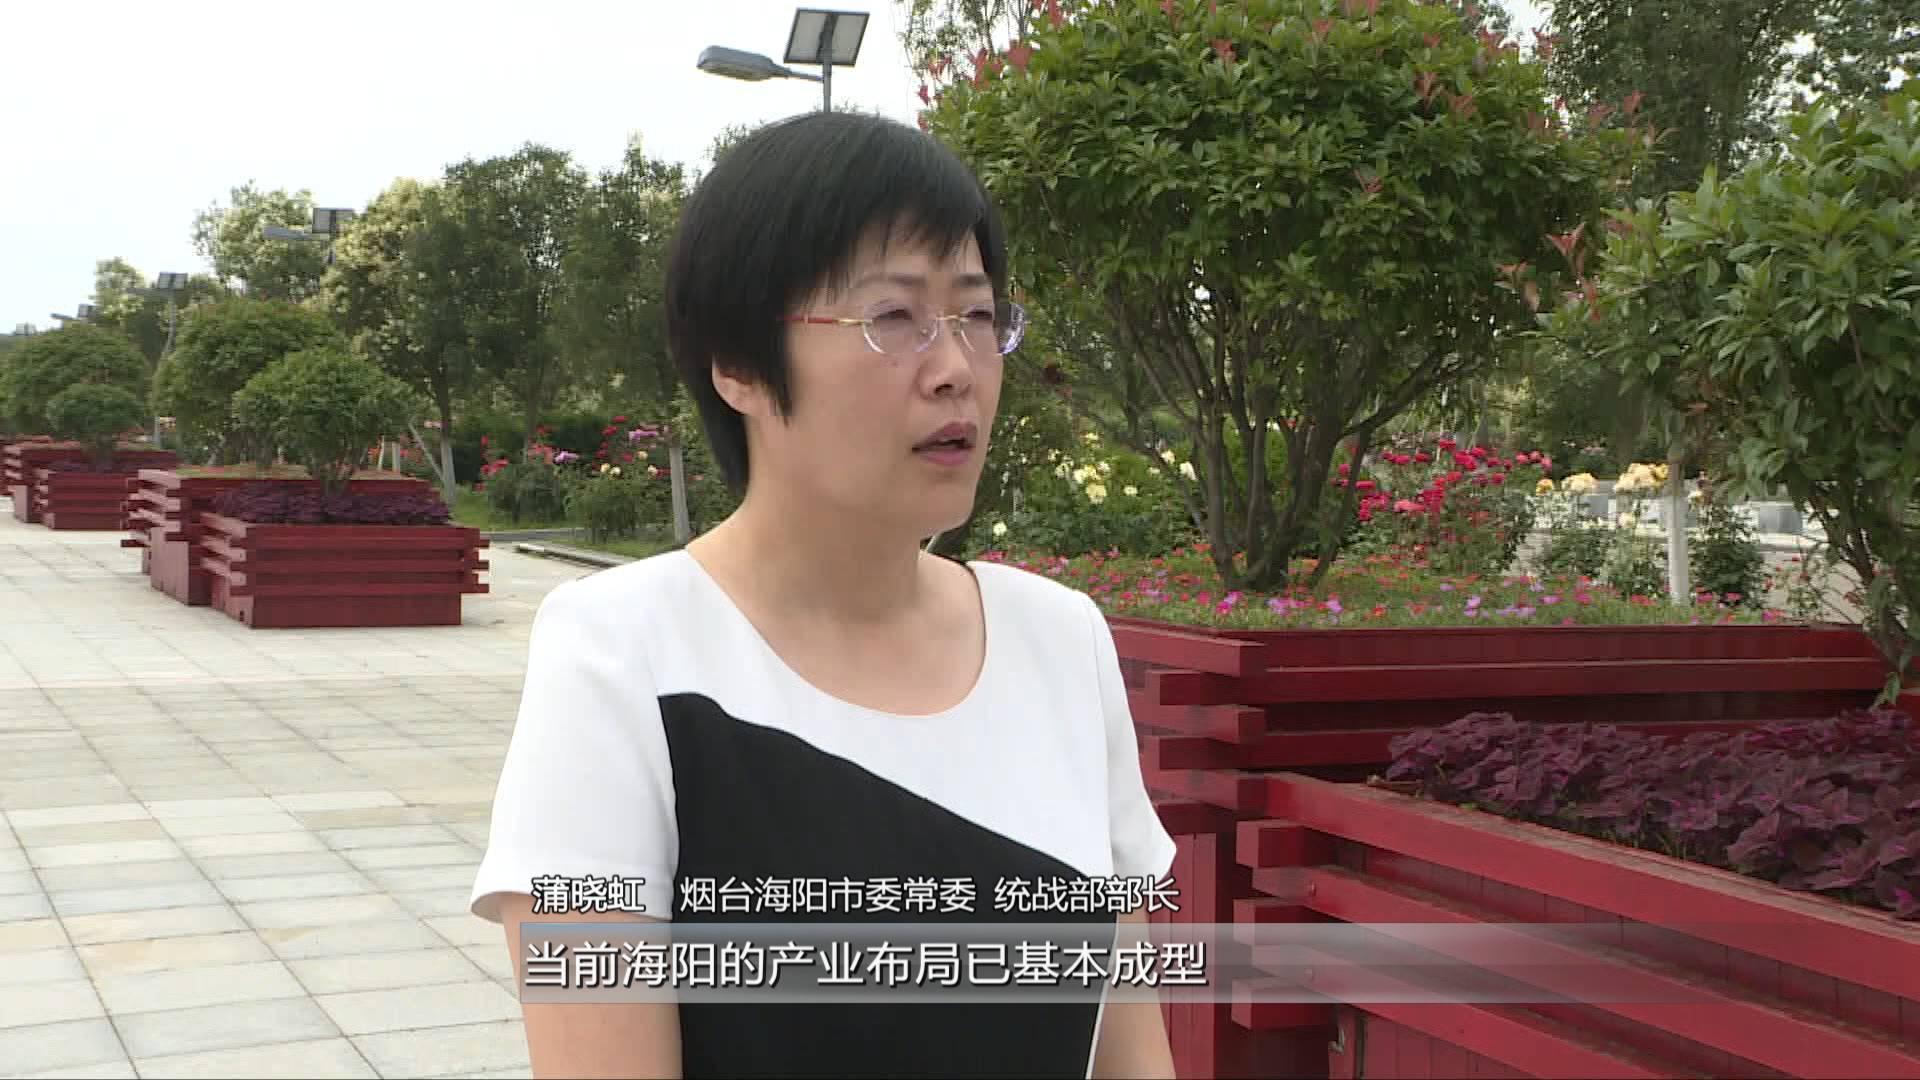 敢领改革风气之先丨海阳统战部部长蒲晓虹:提高招商引资的针对性和精准度